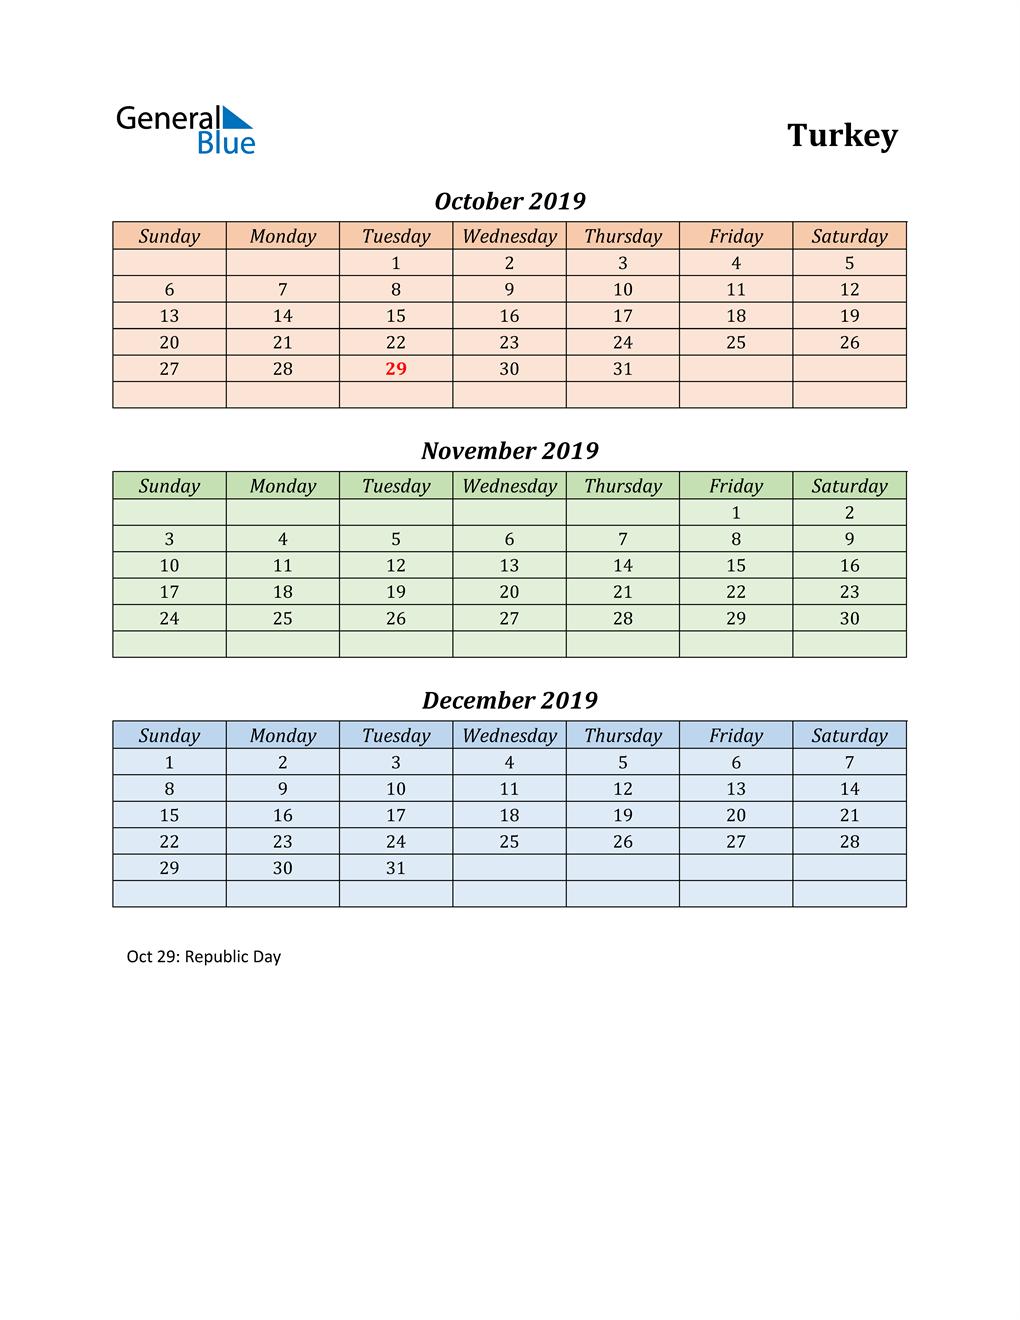 Q4 2019 Holiday Calendar - Turkey